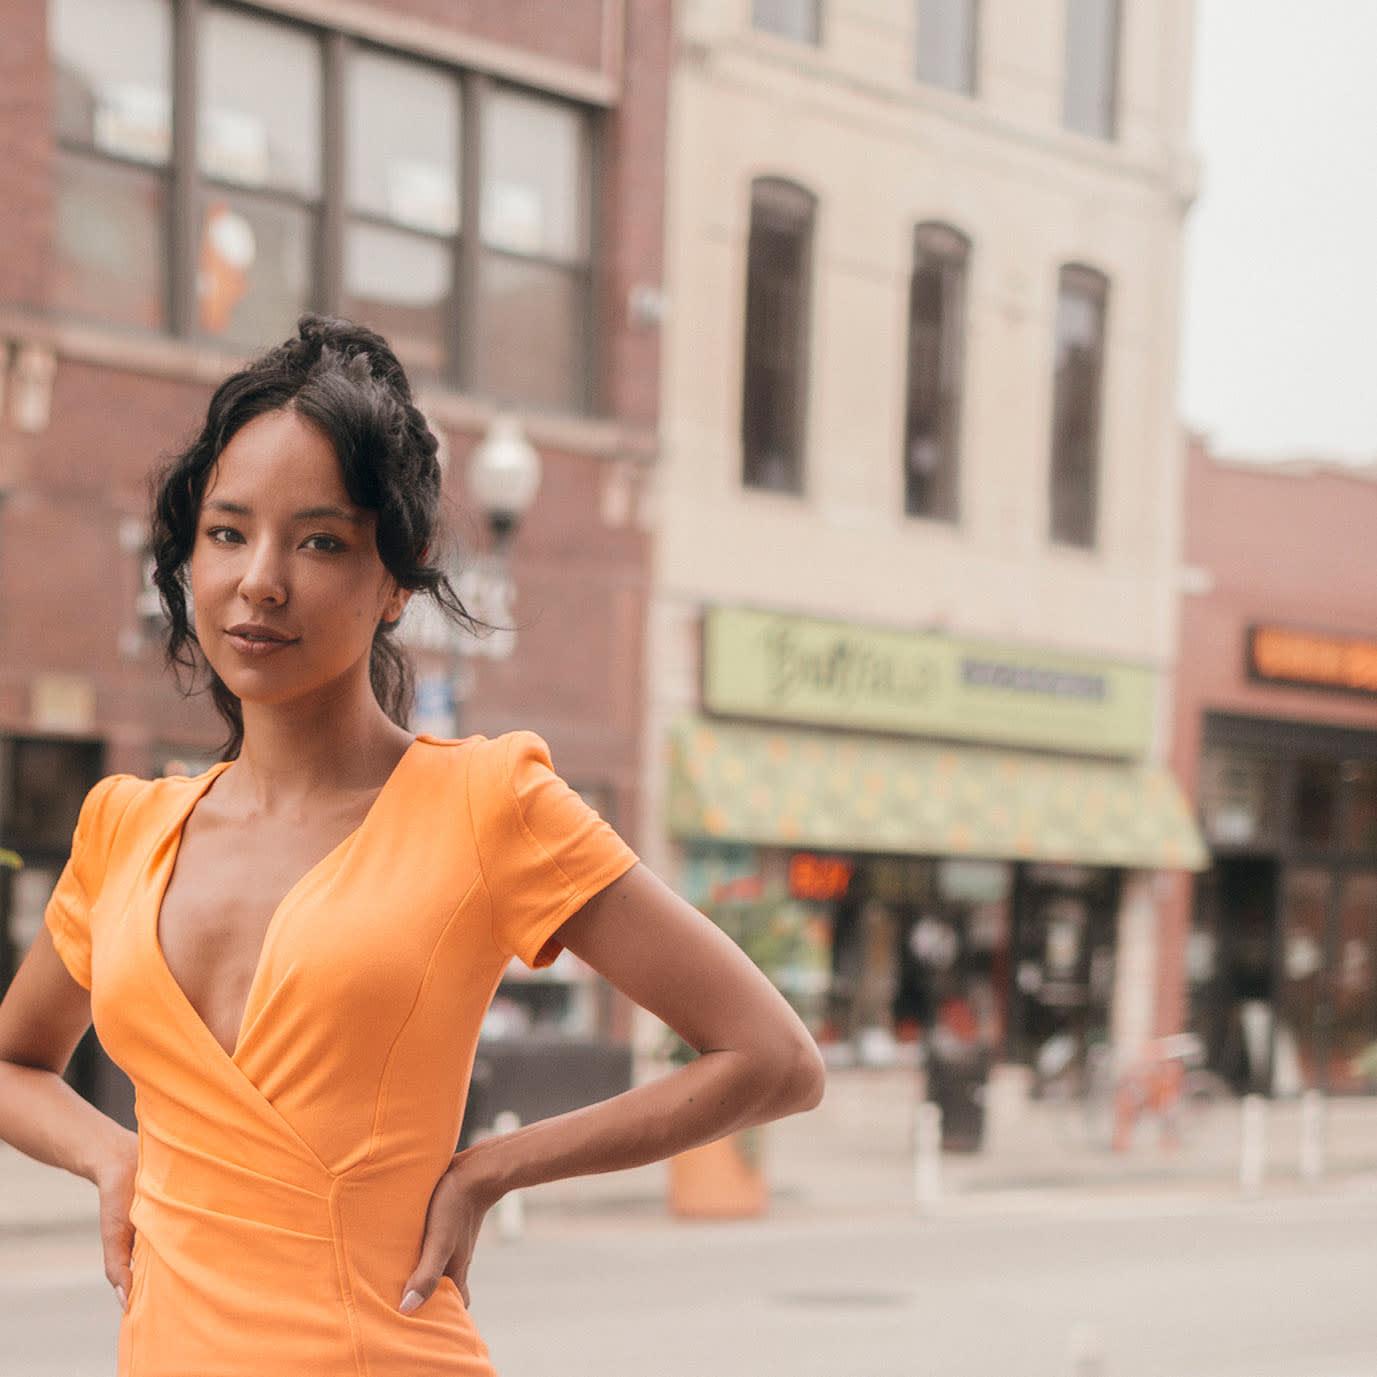 woman in orange dress on street